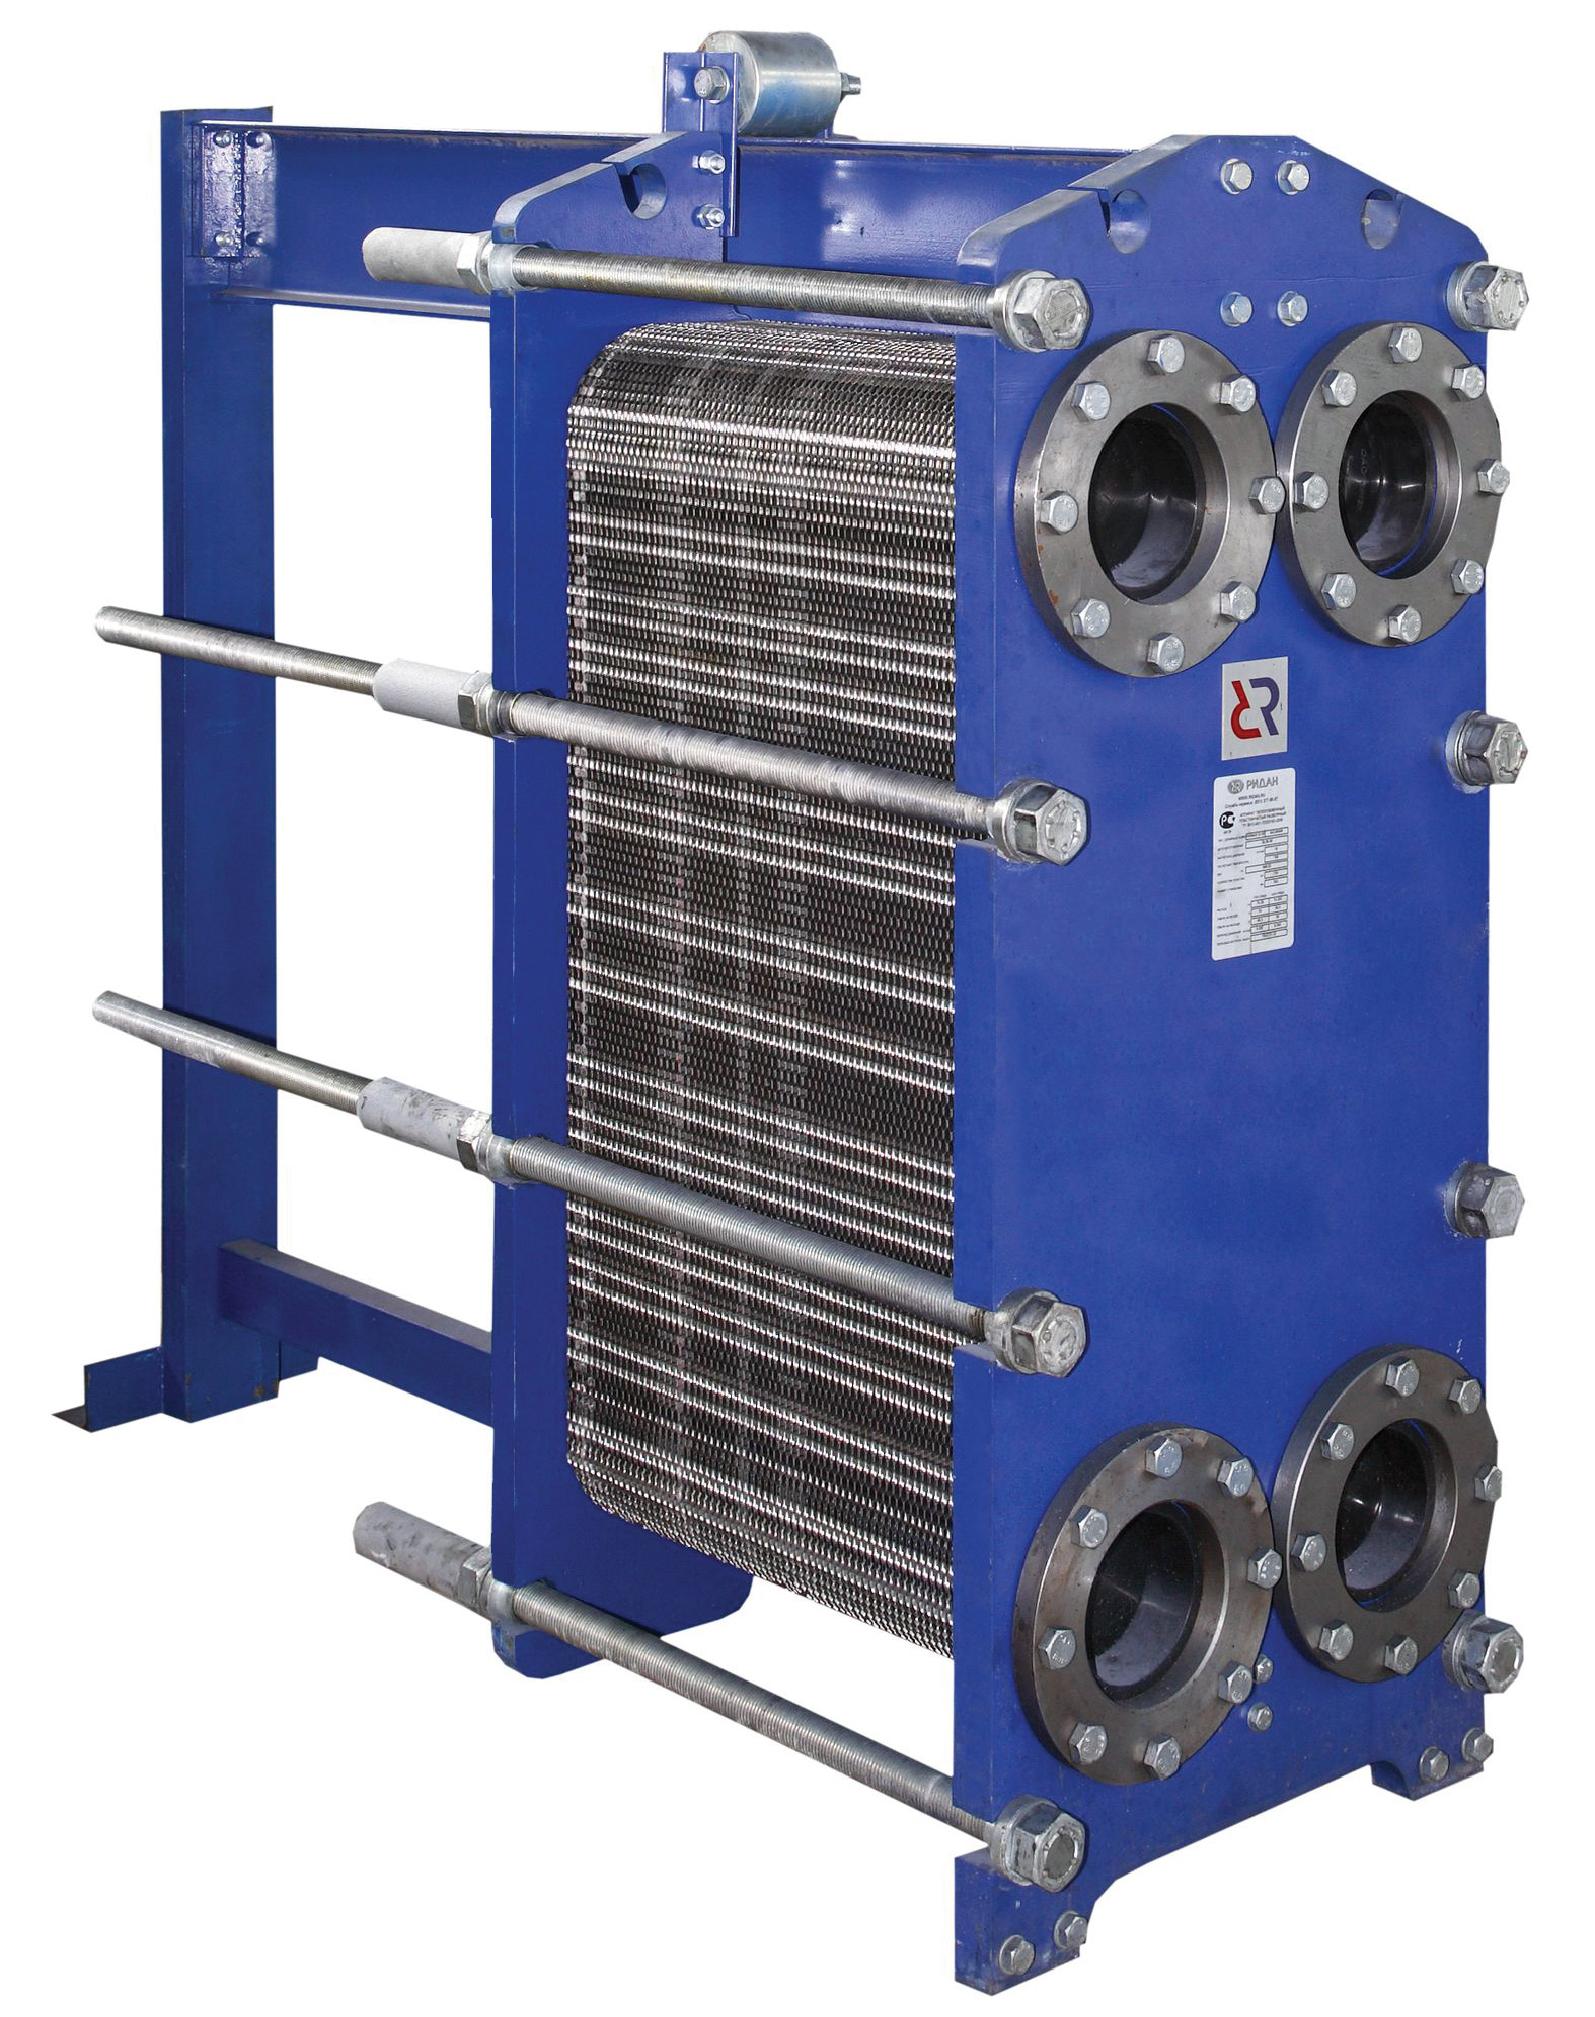 Теплообменное оборудование 20 мпа онлайн 720 теплообменное оборудование с плавающей головкой torx